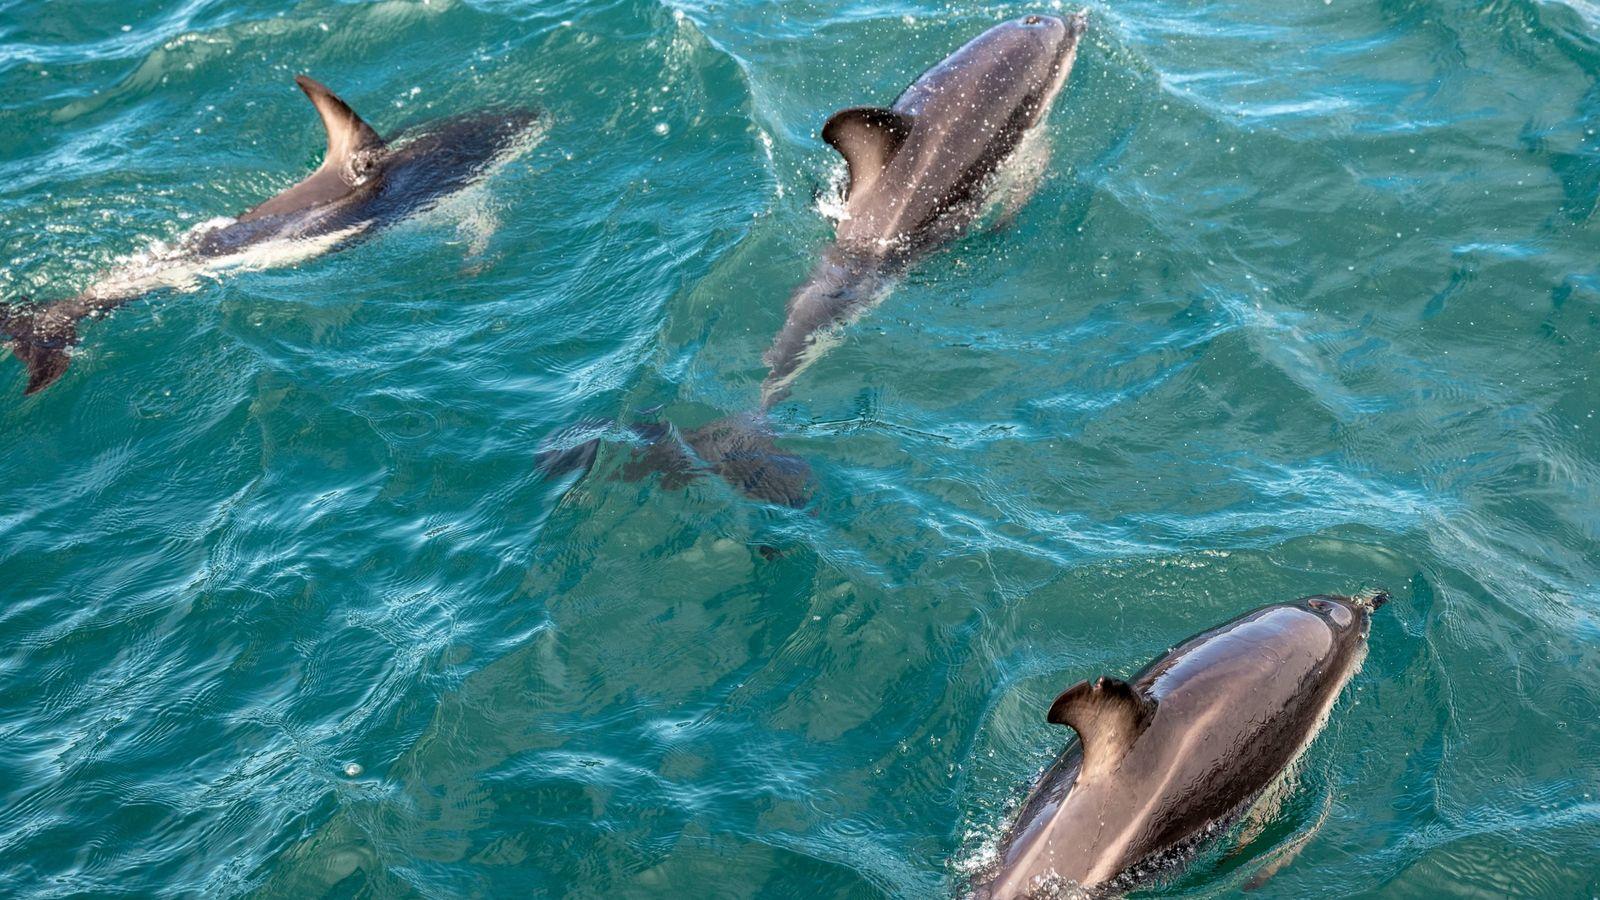 Kaikōura, eine Küstenstadt auf der Südinsel Neuseelands, ist für die zahlreichen Meeresbewohner vor ihren Toren bekannt. ...